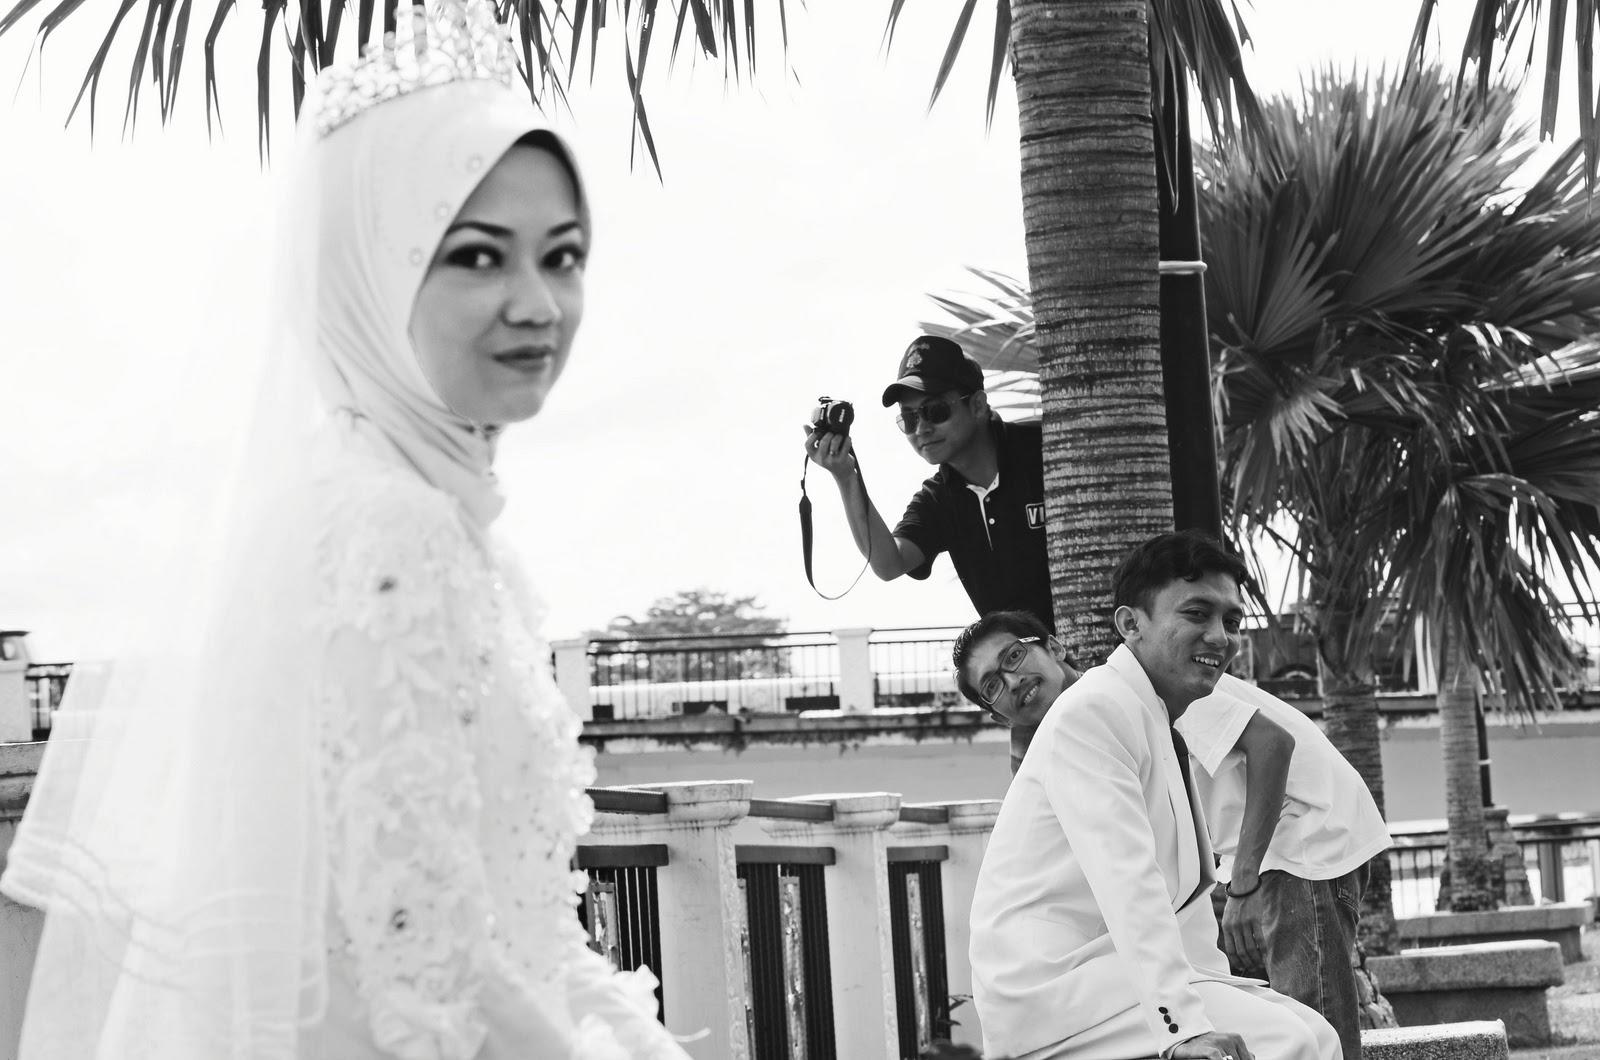 kota tinggi lesbian personals Johor safety perception index reveals that close to 60% of johoreans feel safe in the state  lesbian, gay & bisexual  seri alam, kulai, pontian, mersing, kota tinggi, batu pahat, kluang, .